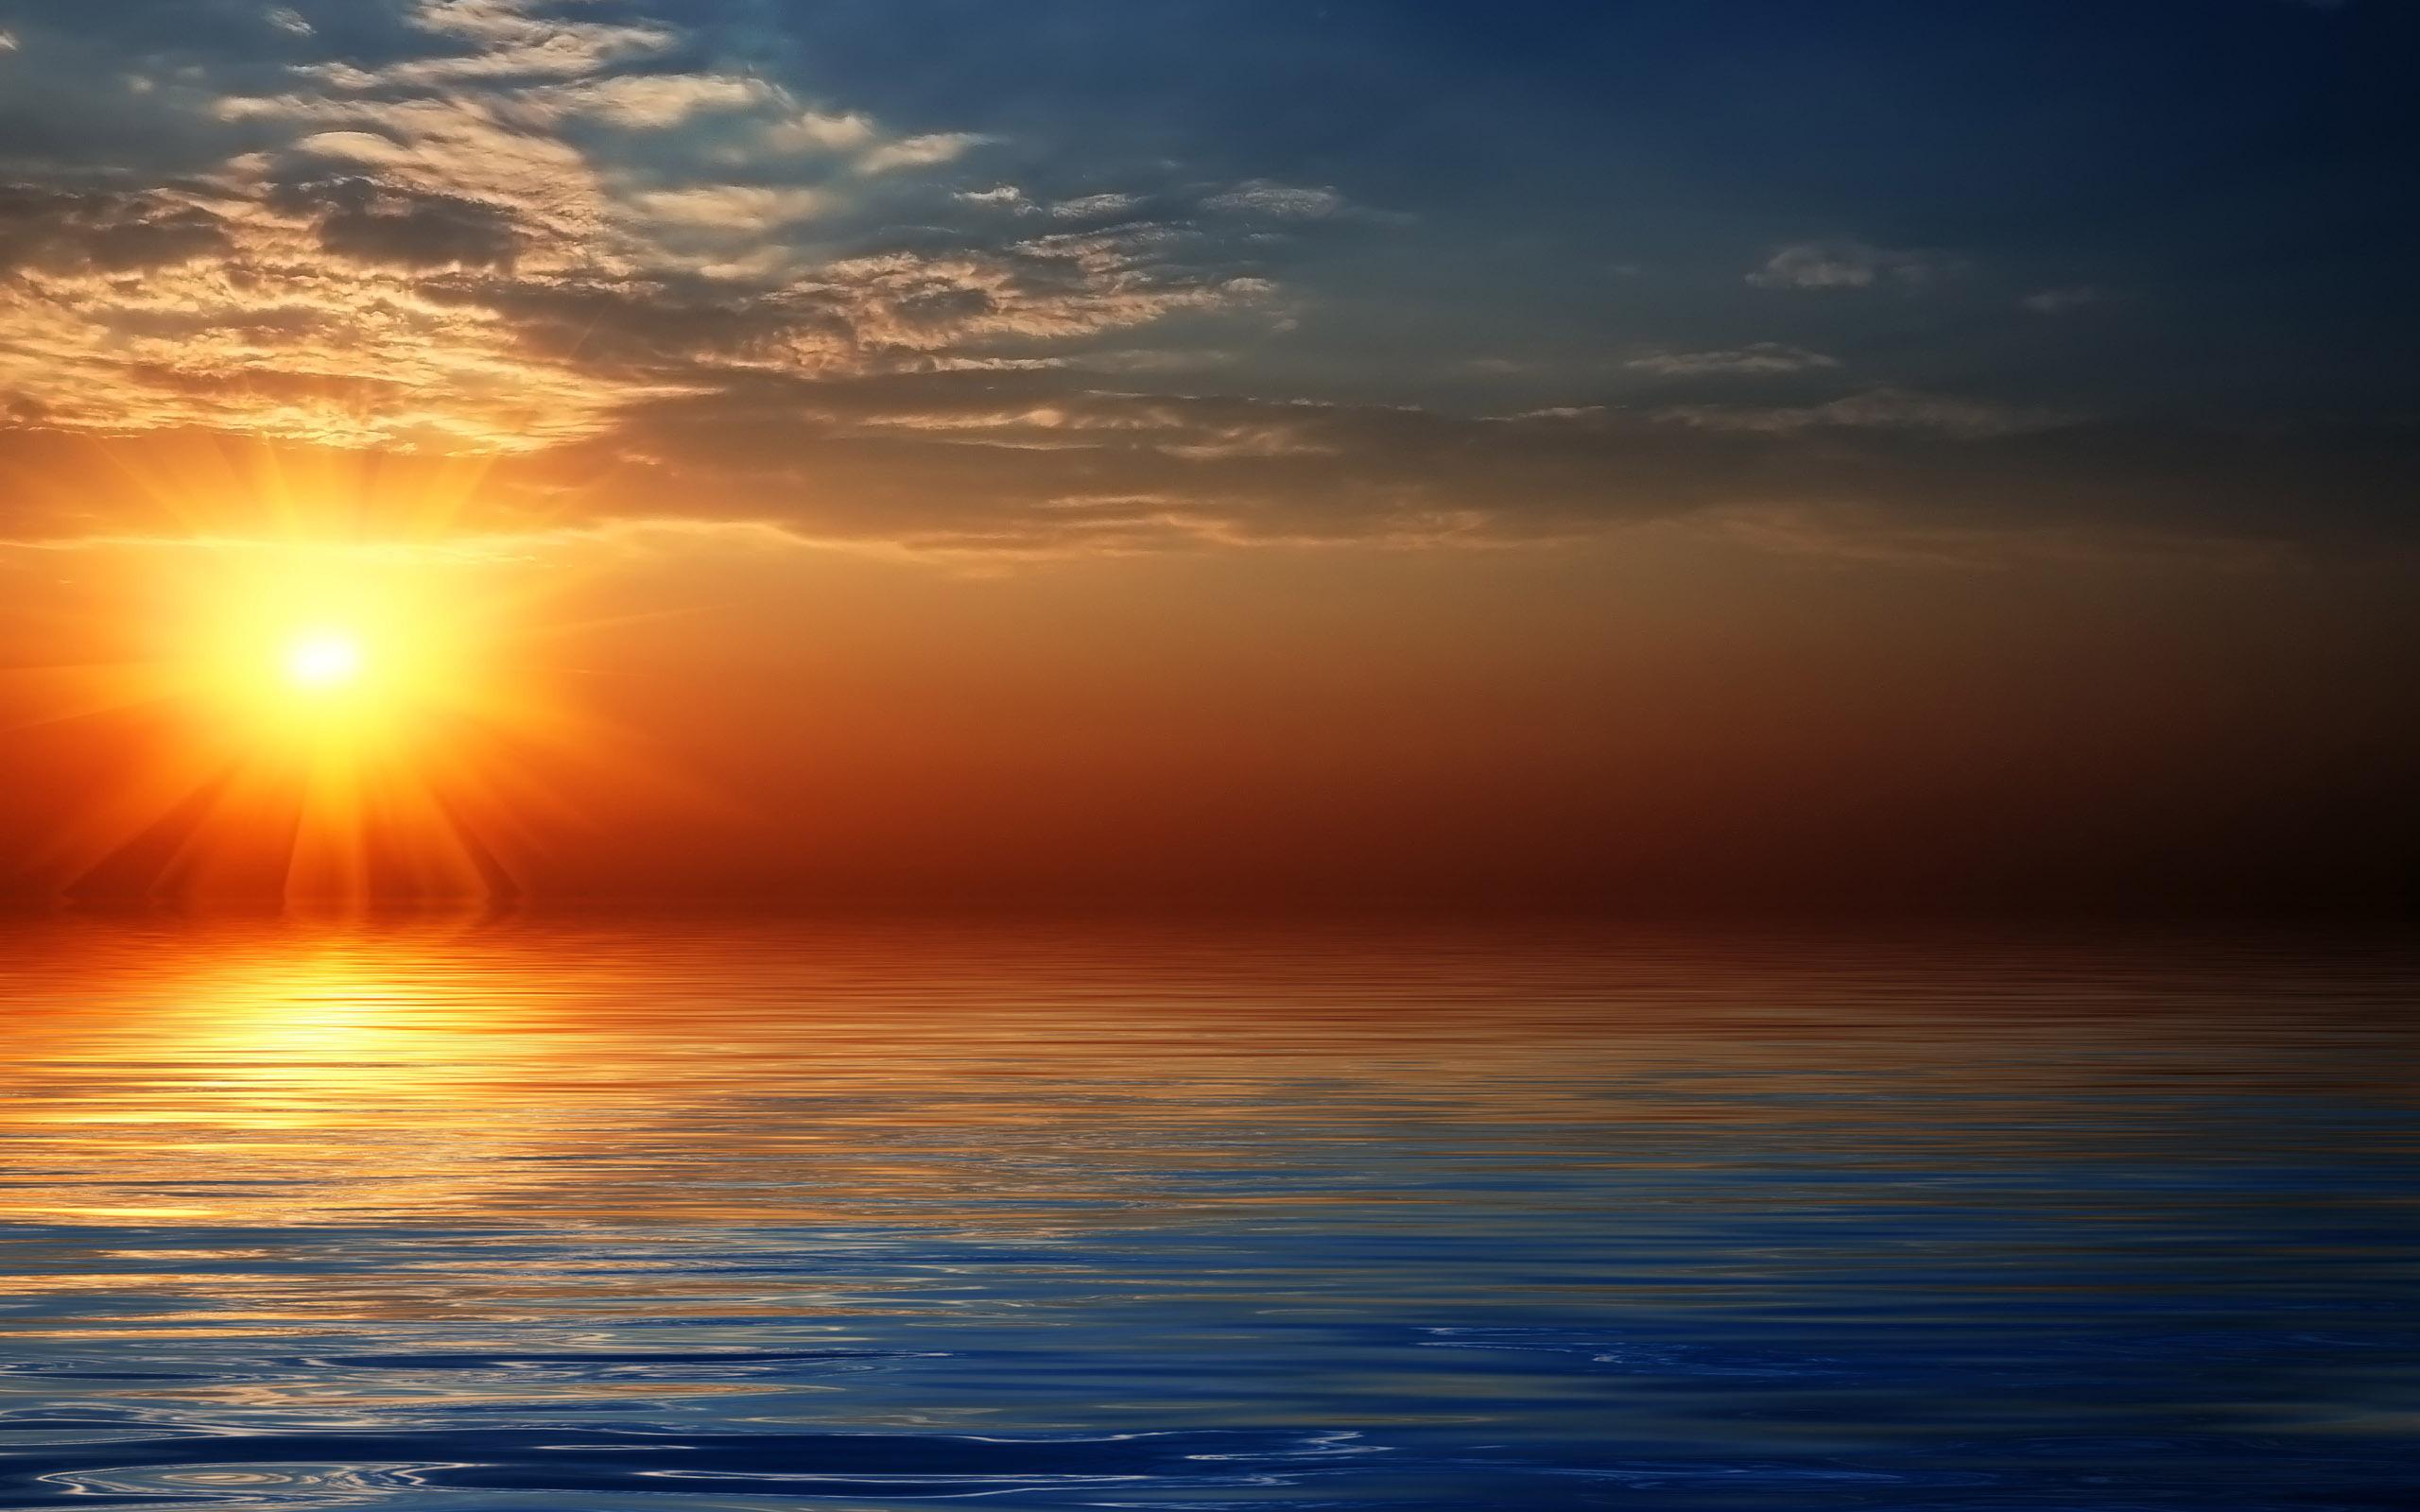 природа море солнце горизонт небо облака  № 717639 загрузить